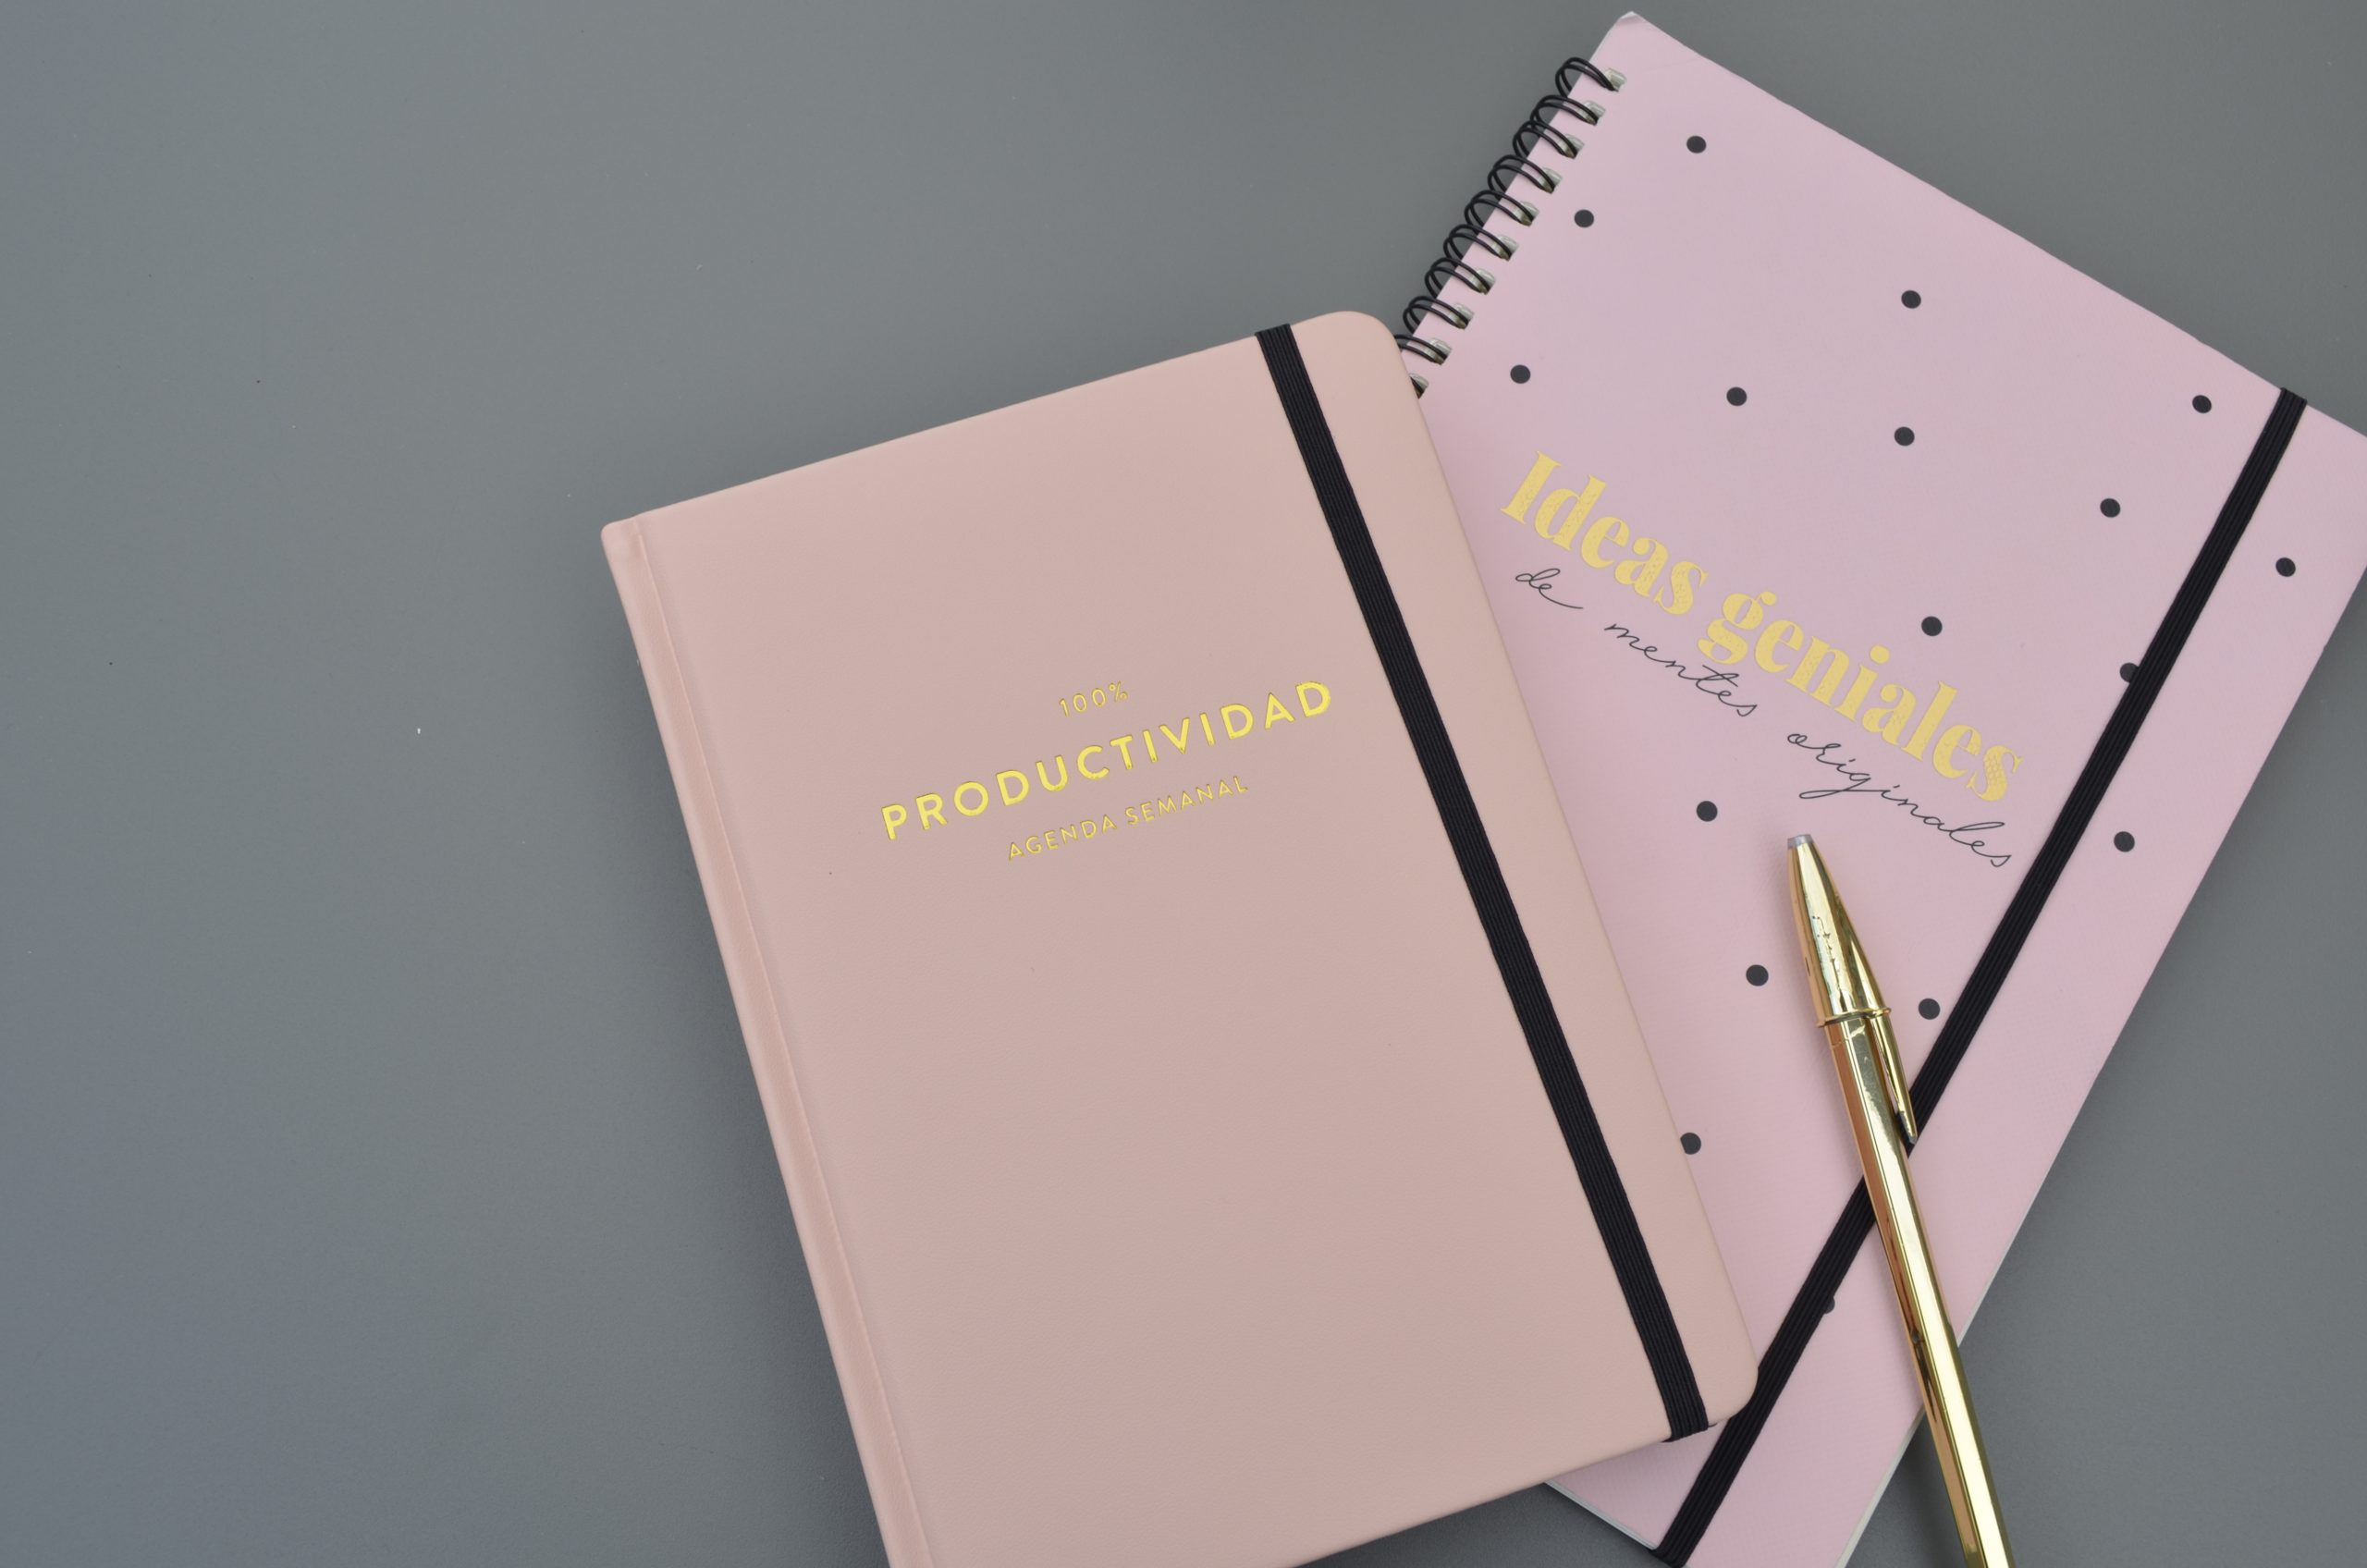 Cuadernos Elena Arroyo